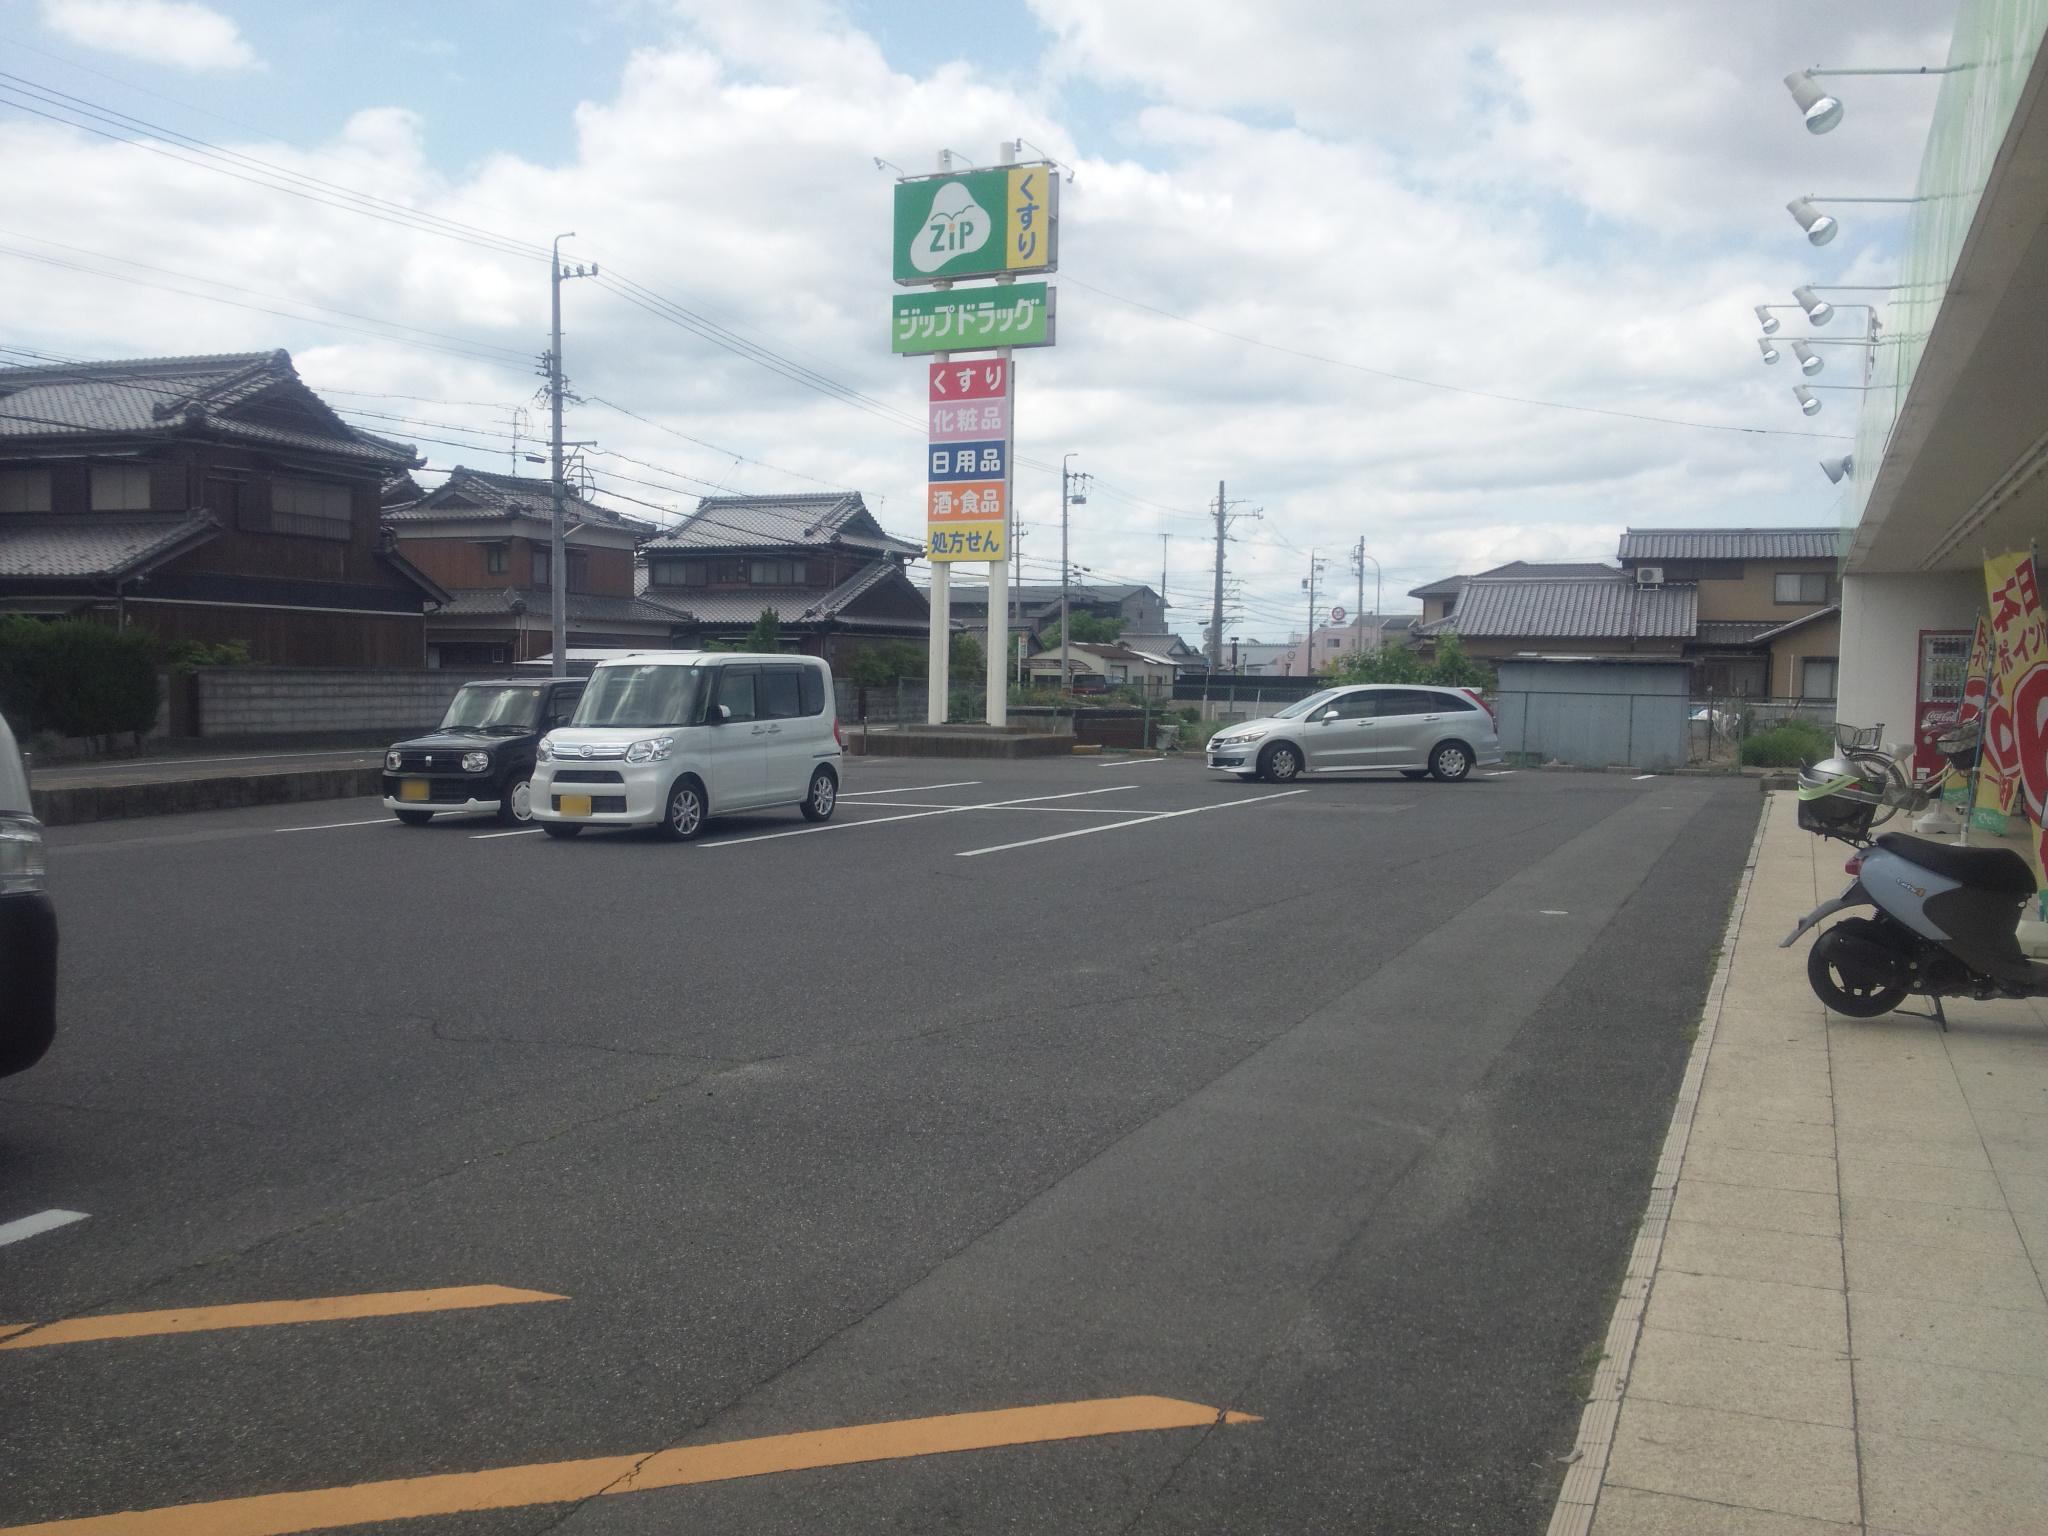 ジップドラッグ白子薬局の駐車場